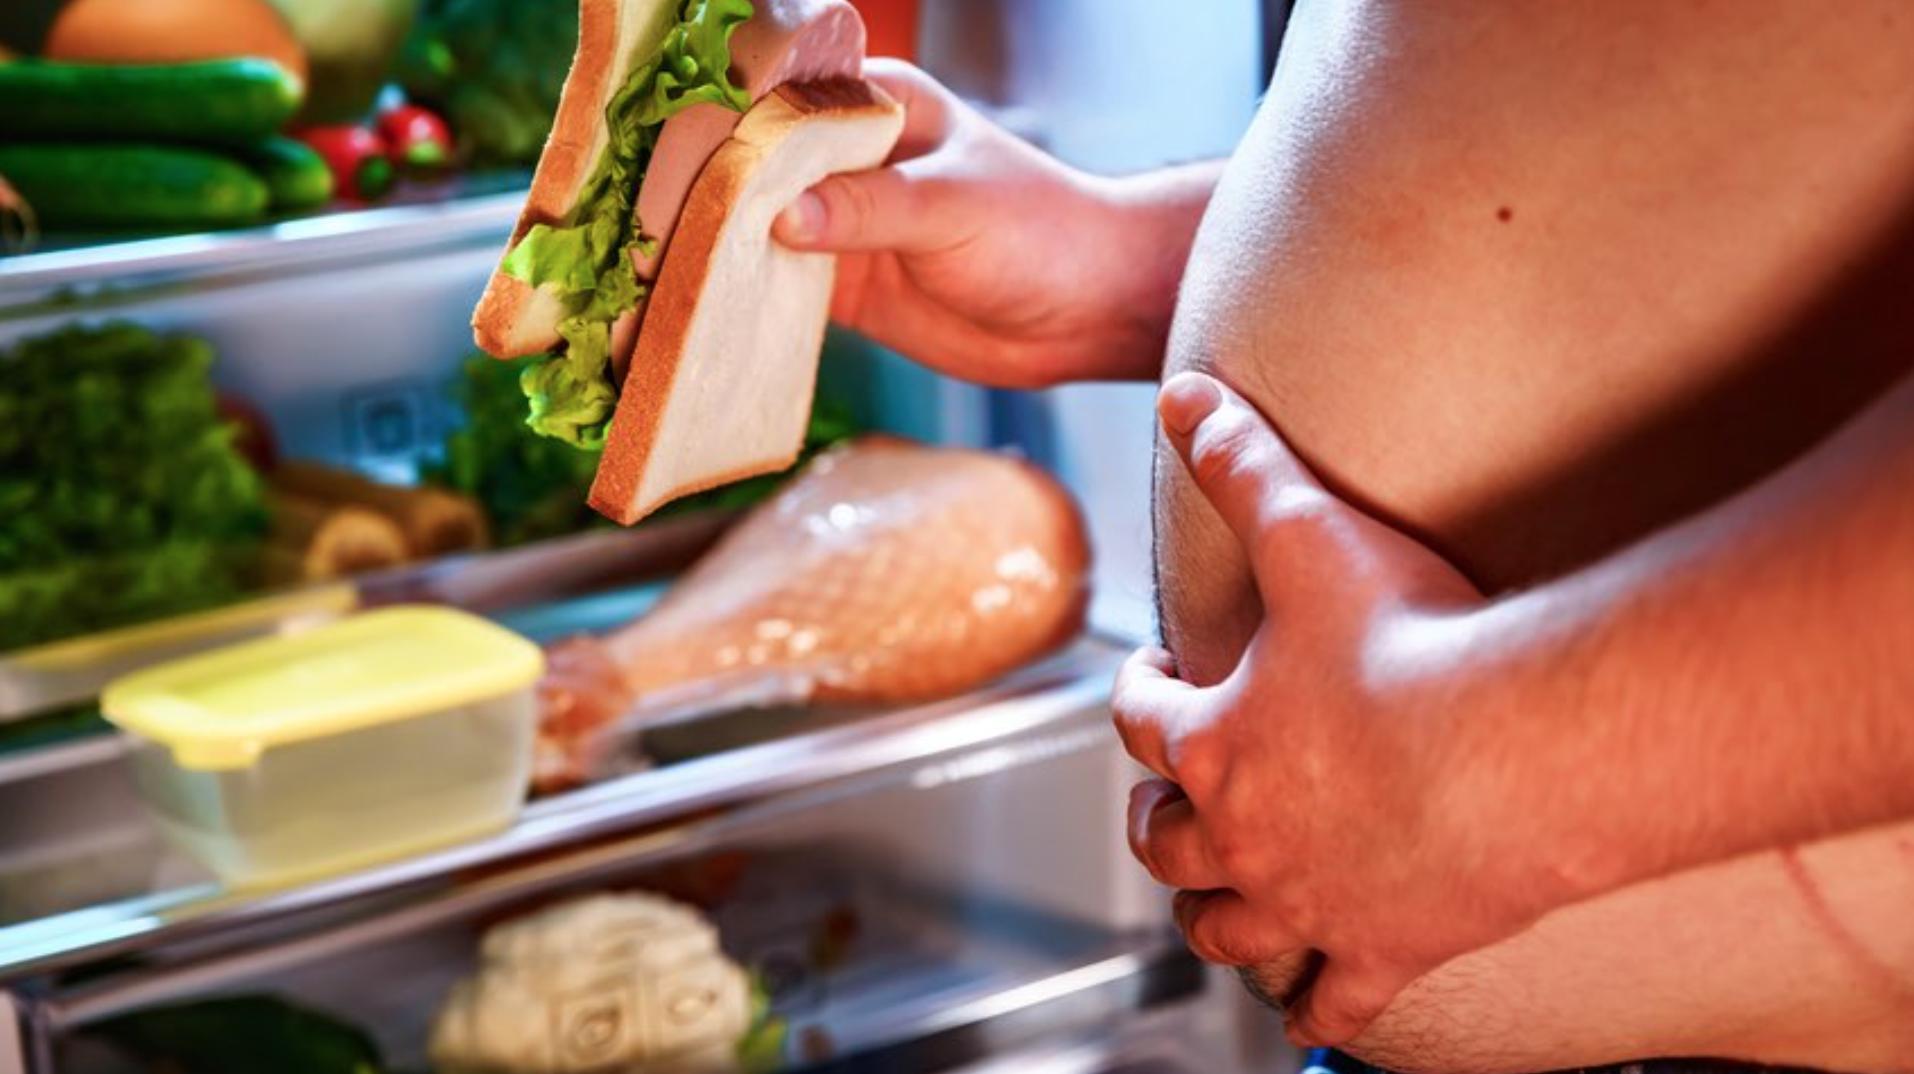 Alimentos que aumentan los estr genos excesivamente en los hombres revista corposano - Alimentos con testosterona ...